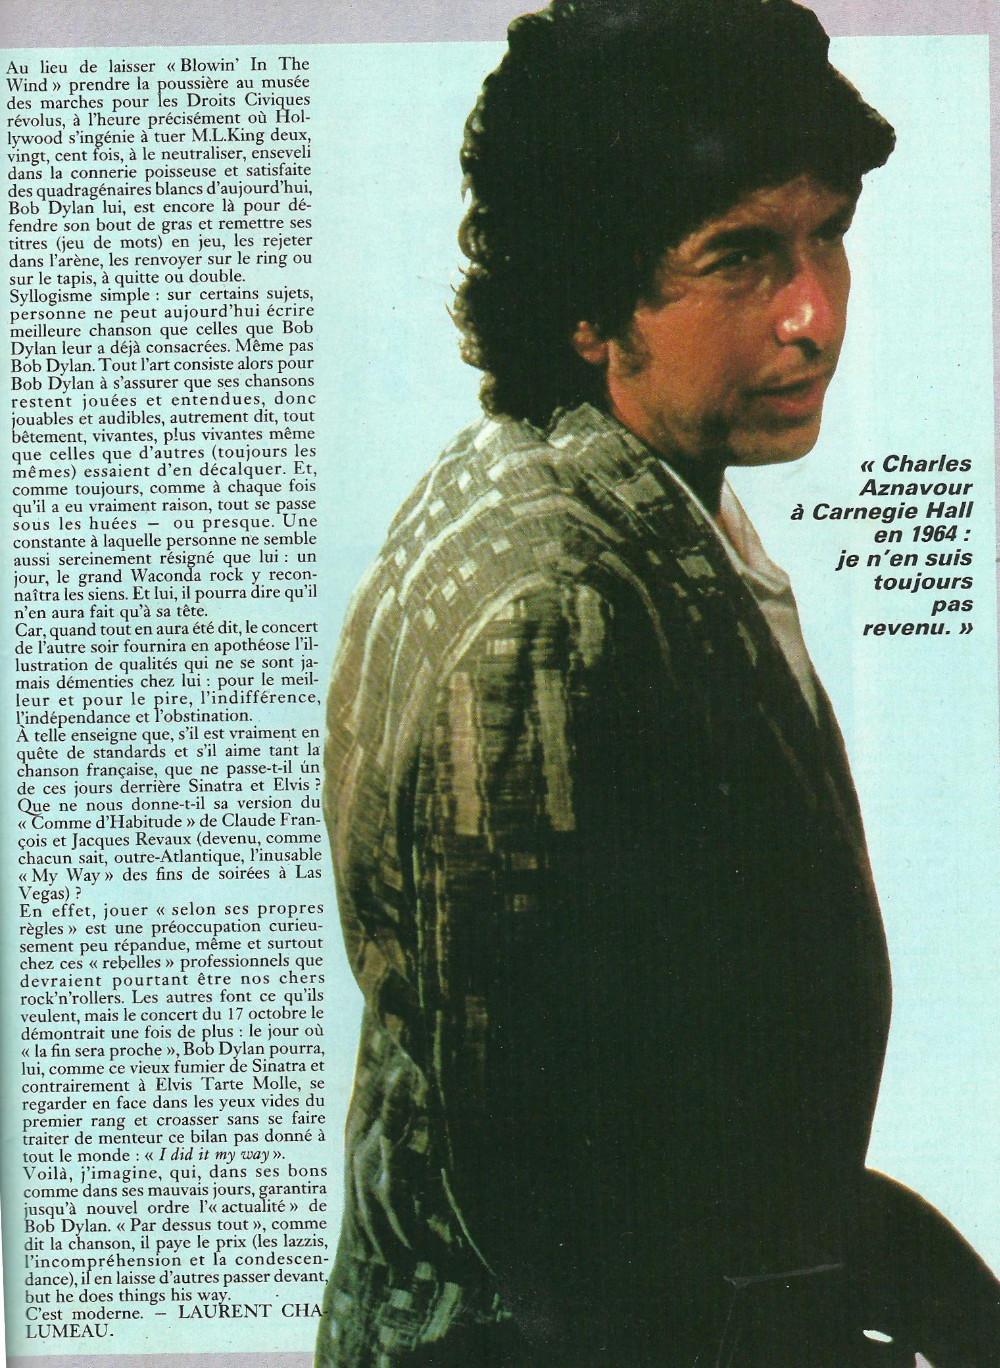 """BOB DYLAN, TOM PETTY & THE HEARTBREAKERS par LAURENT CHALUMEAU 1987 (""""Rock Folk"""") 16112708472120773814663436"""